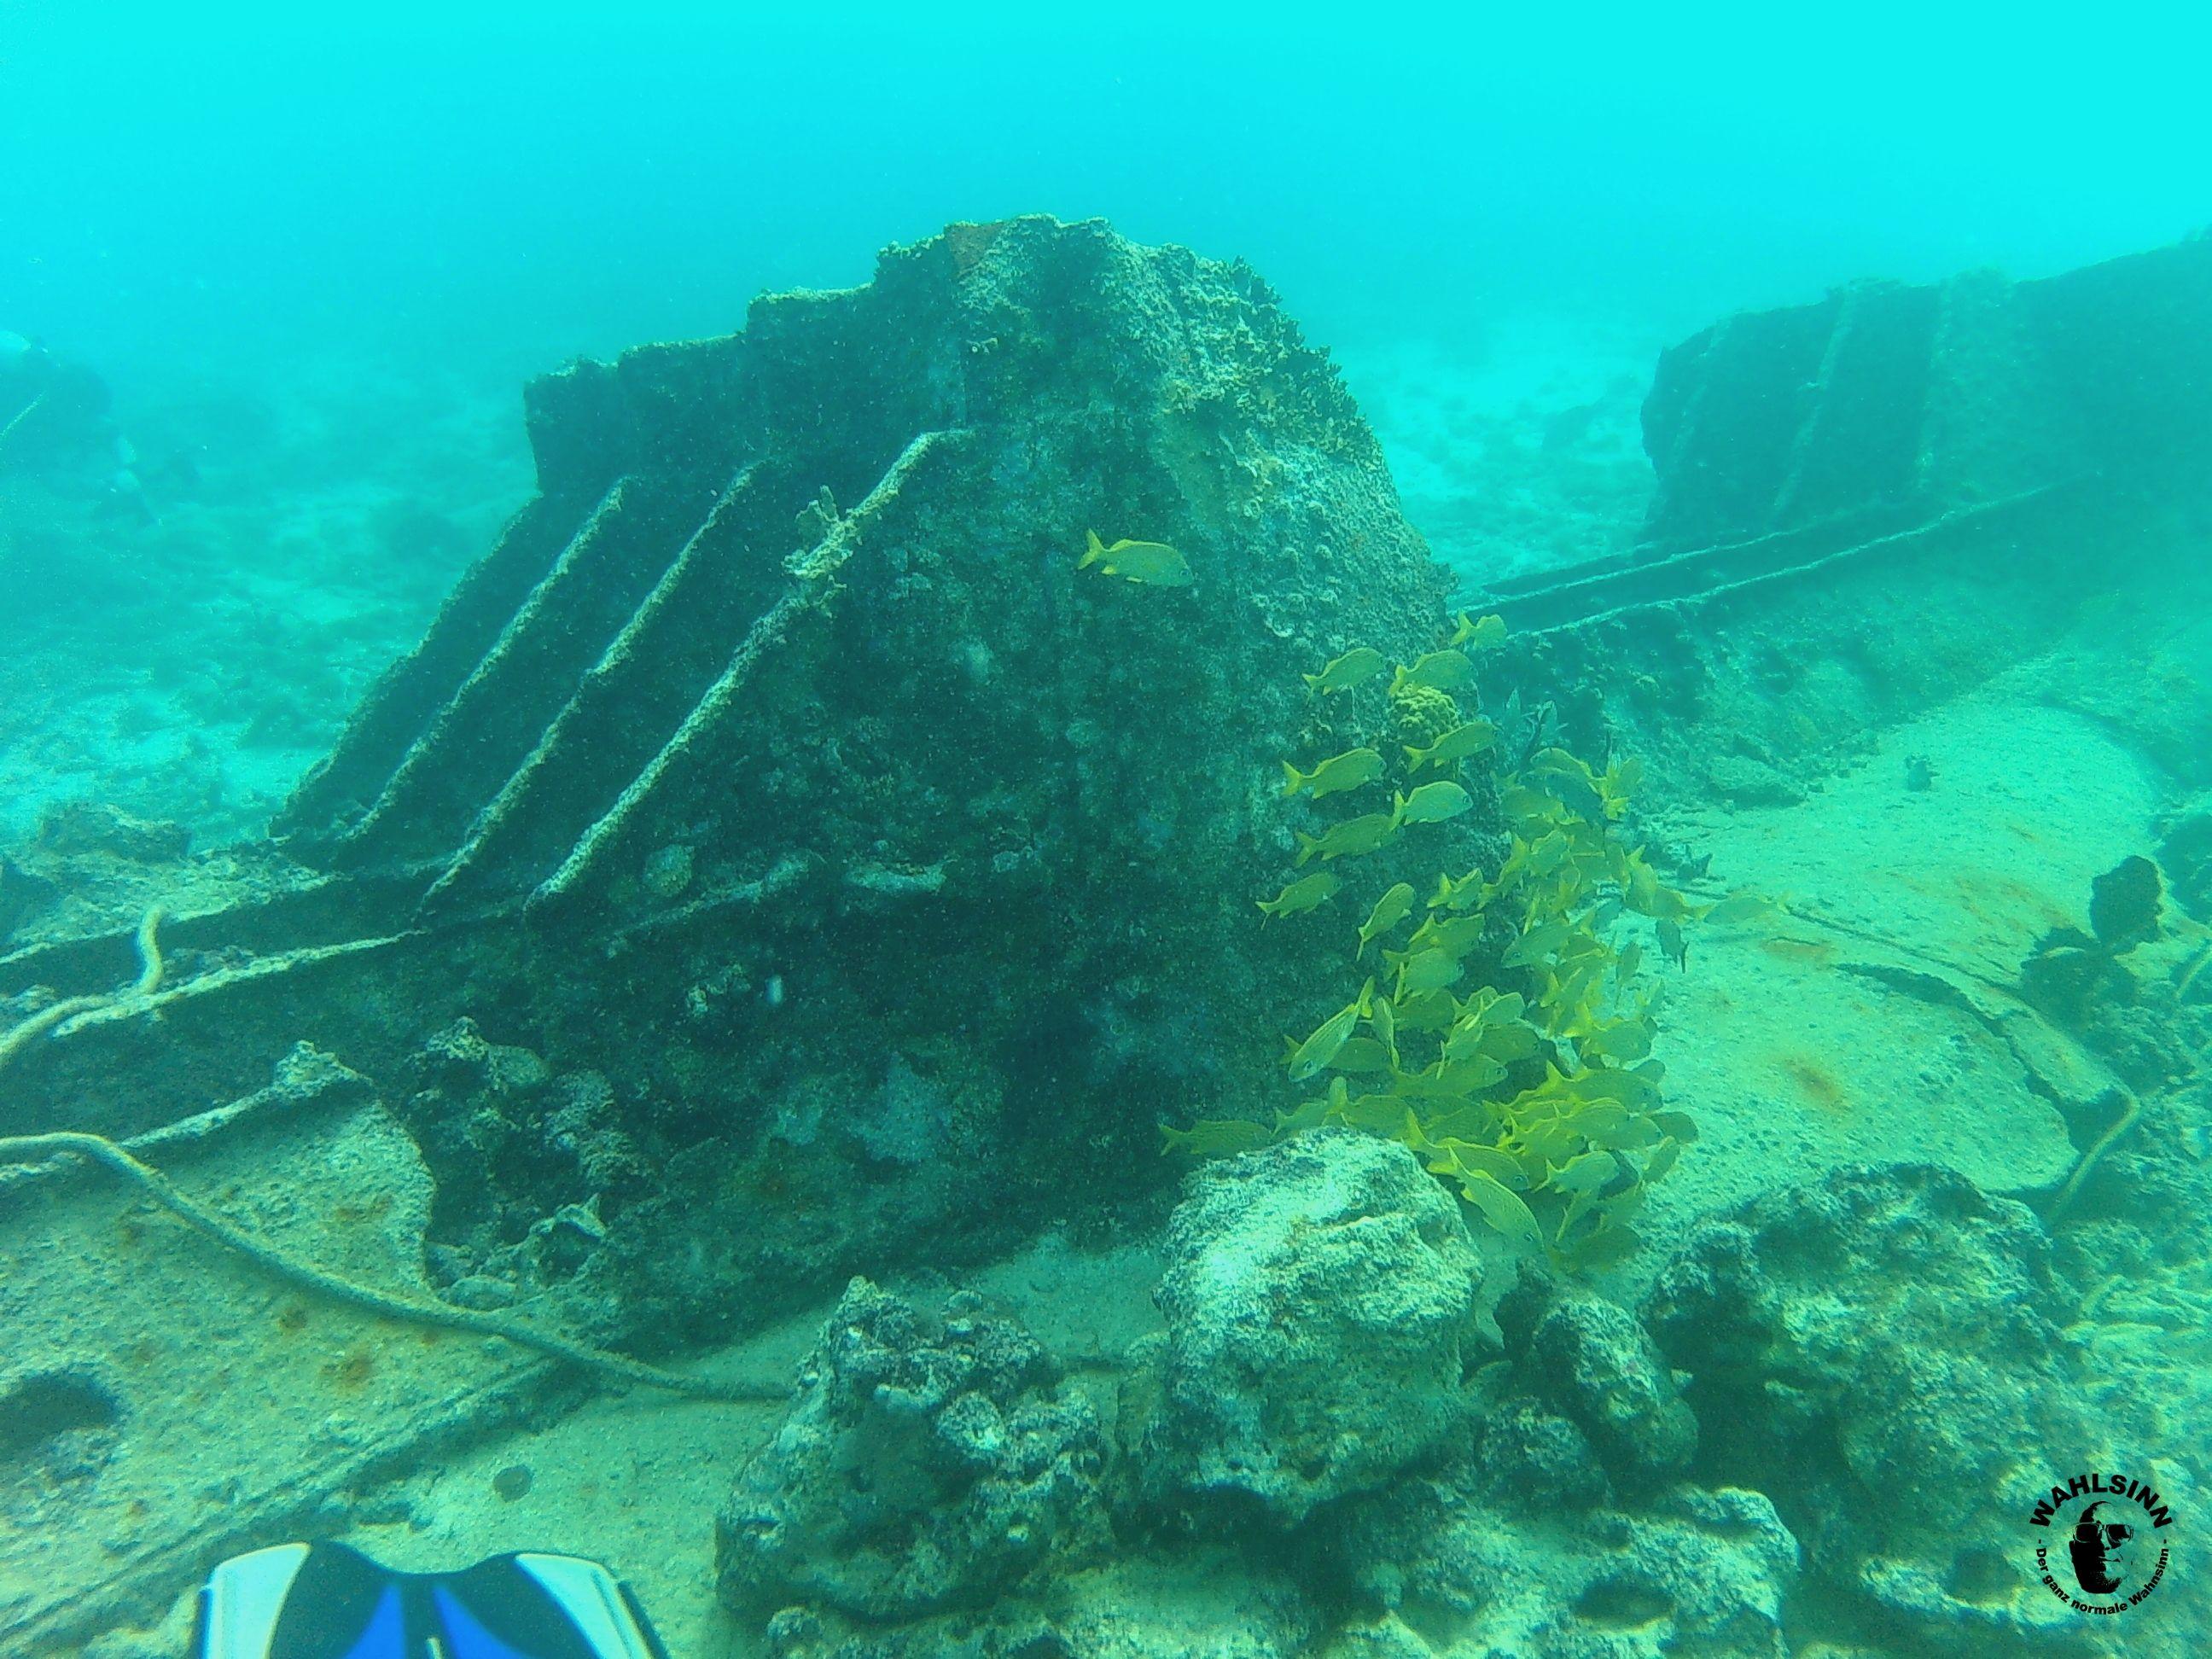 Aruba - auch oft unter Wasser zu sehen, Fische UND Wracks. Und JA, die Flosse da ist meine..... :-/